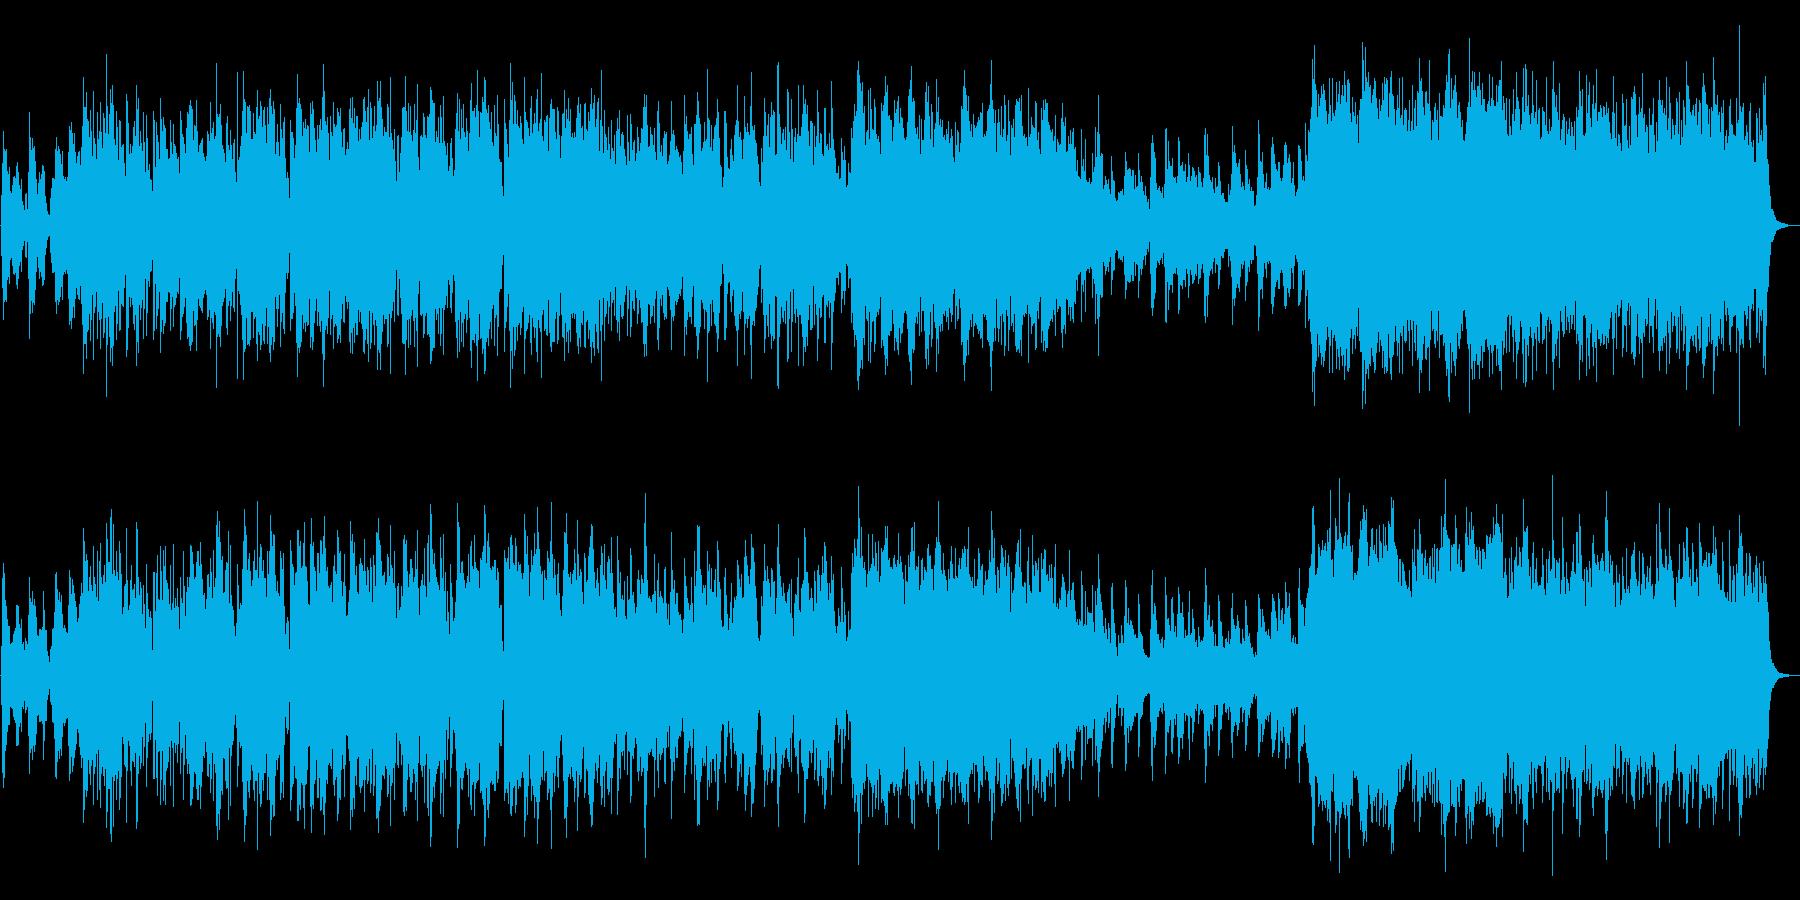 生演奏篠笛 しっとり和風バラードの再生済みの波形